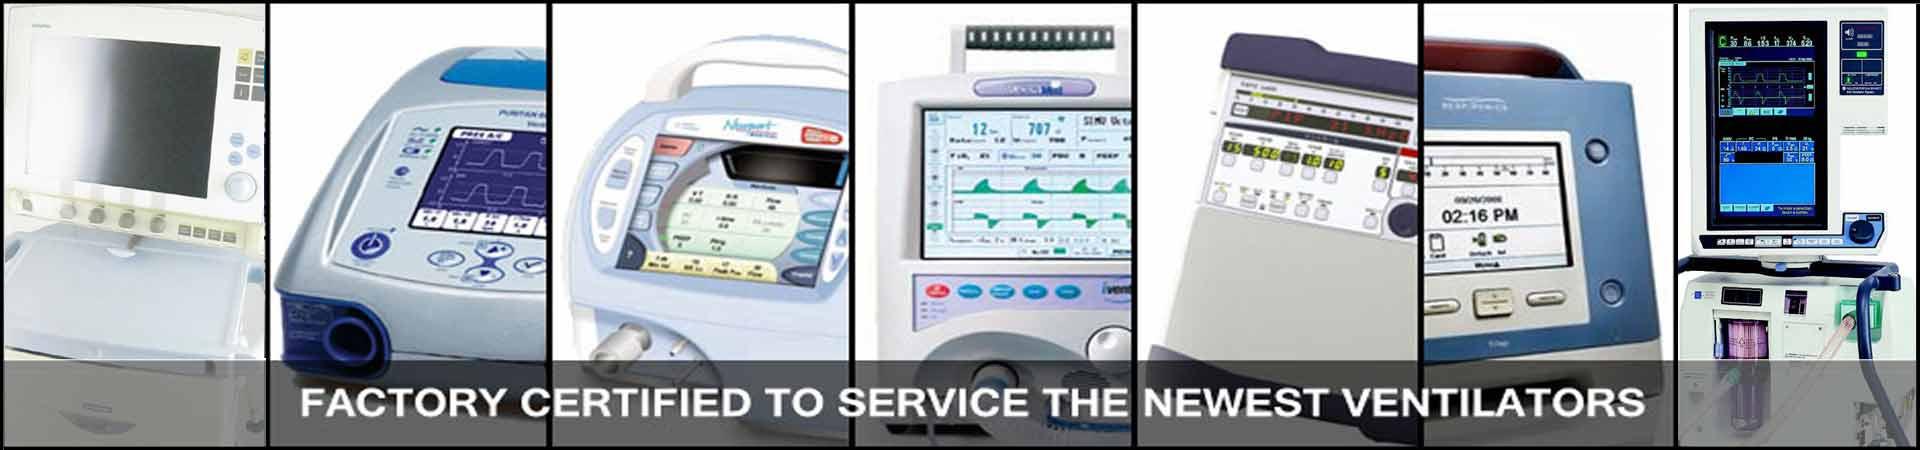 Ventiltaor Repair, Rental and Sales.